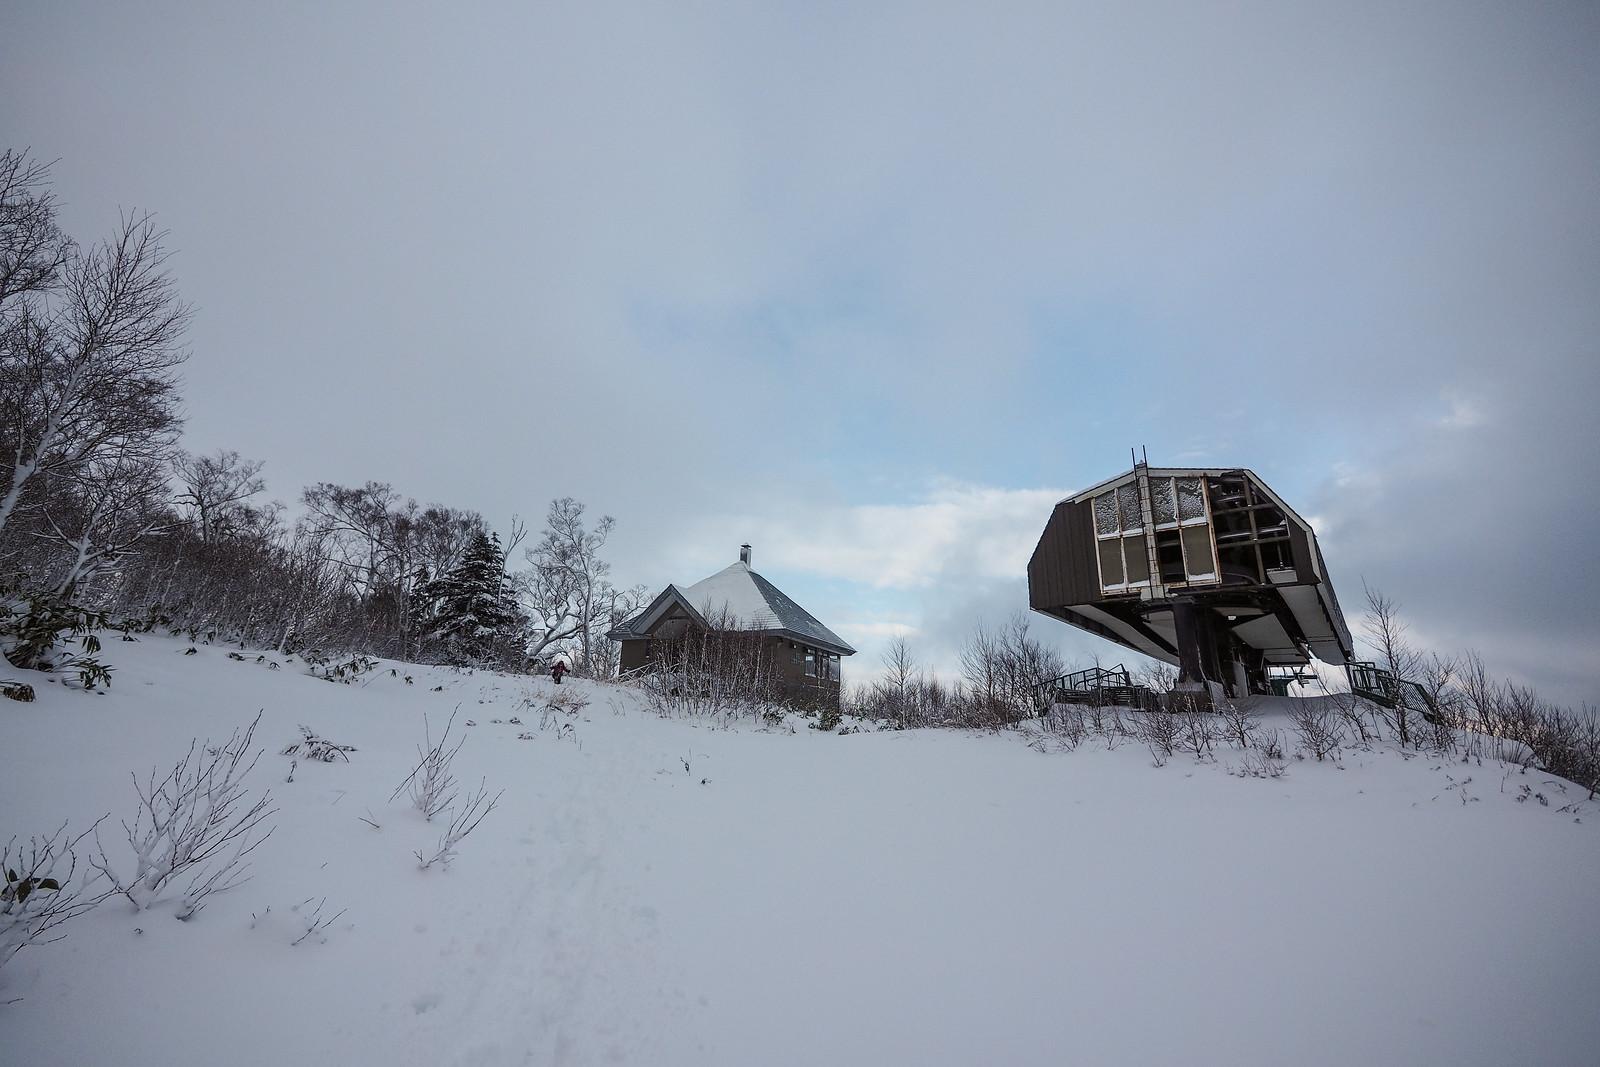 Neopara snowshoe trip (Sapporo City, Hokkaido, Japan)